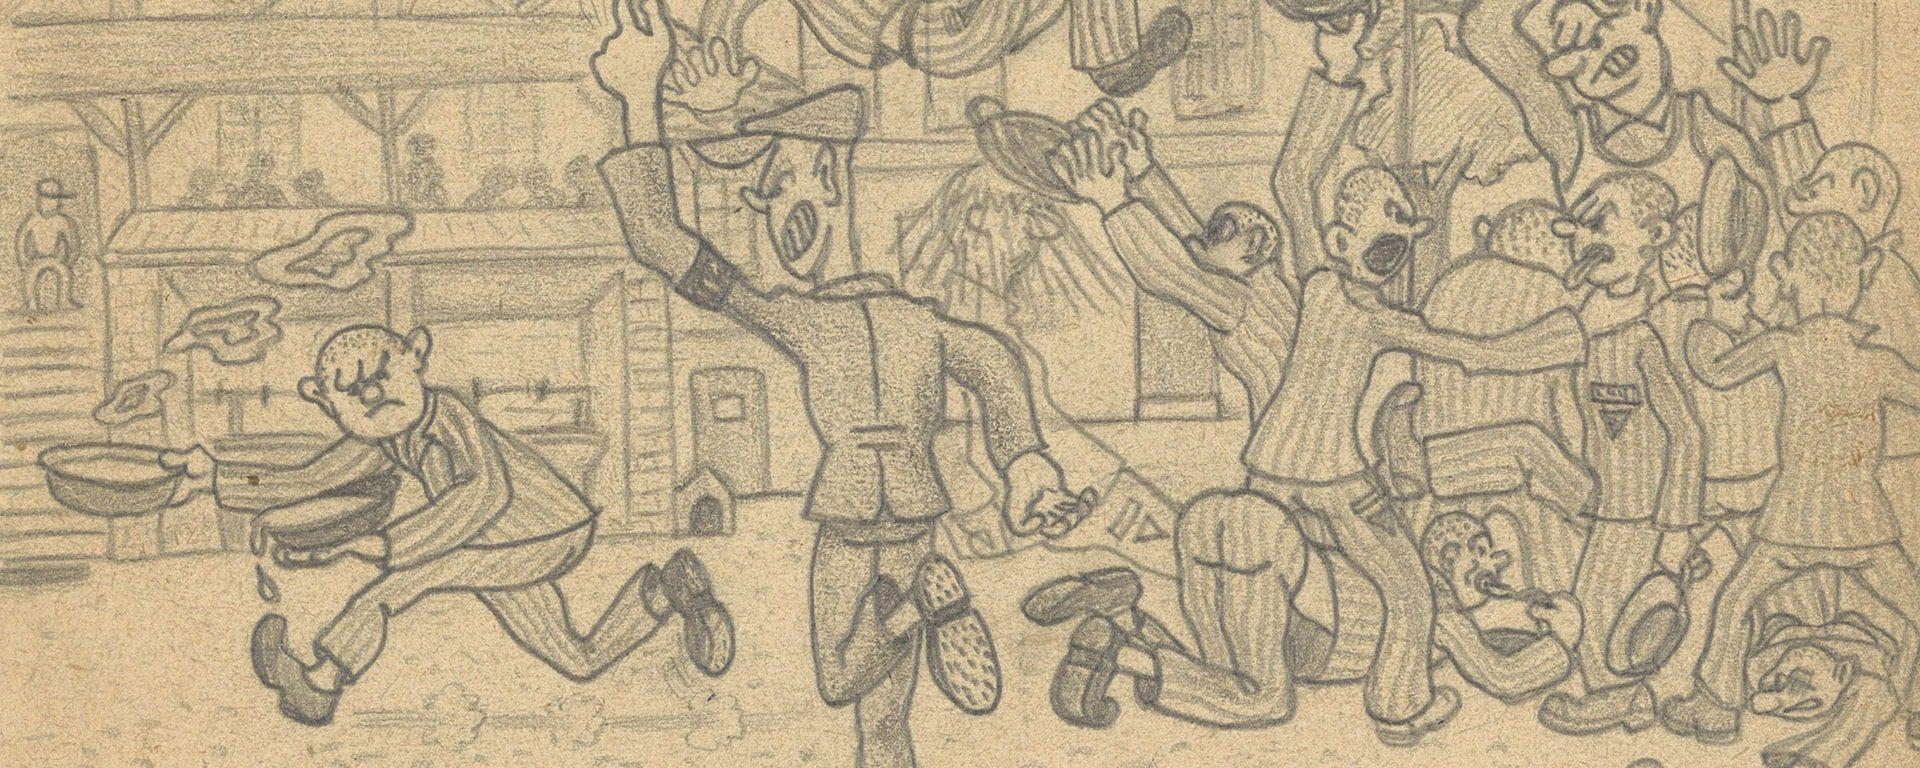 illustration Musée de la Résistance et de la Déportation de Besançon